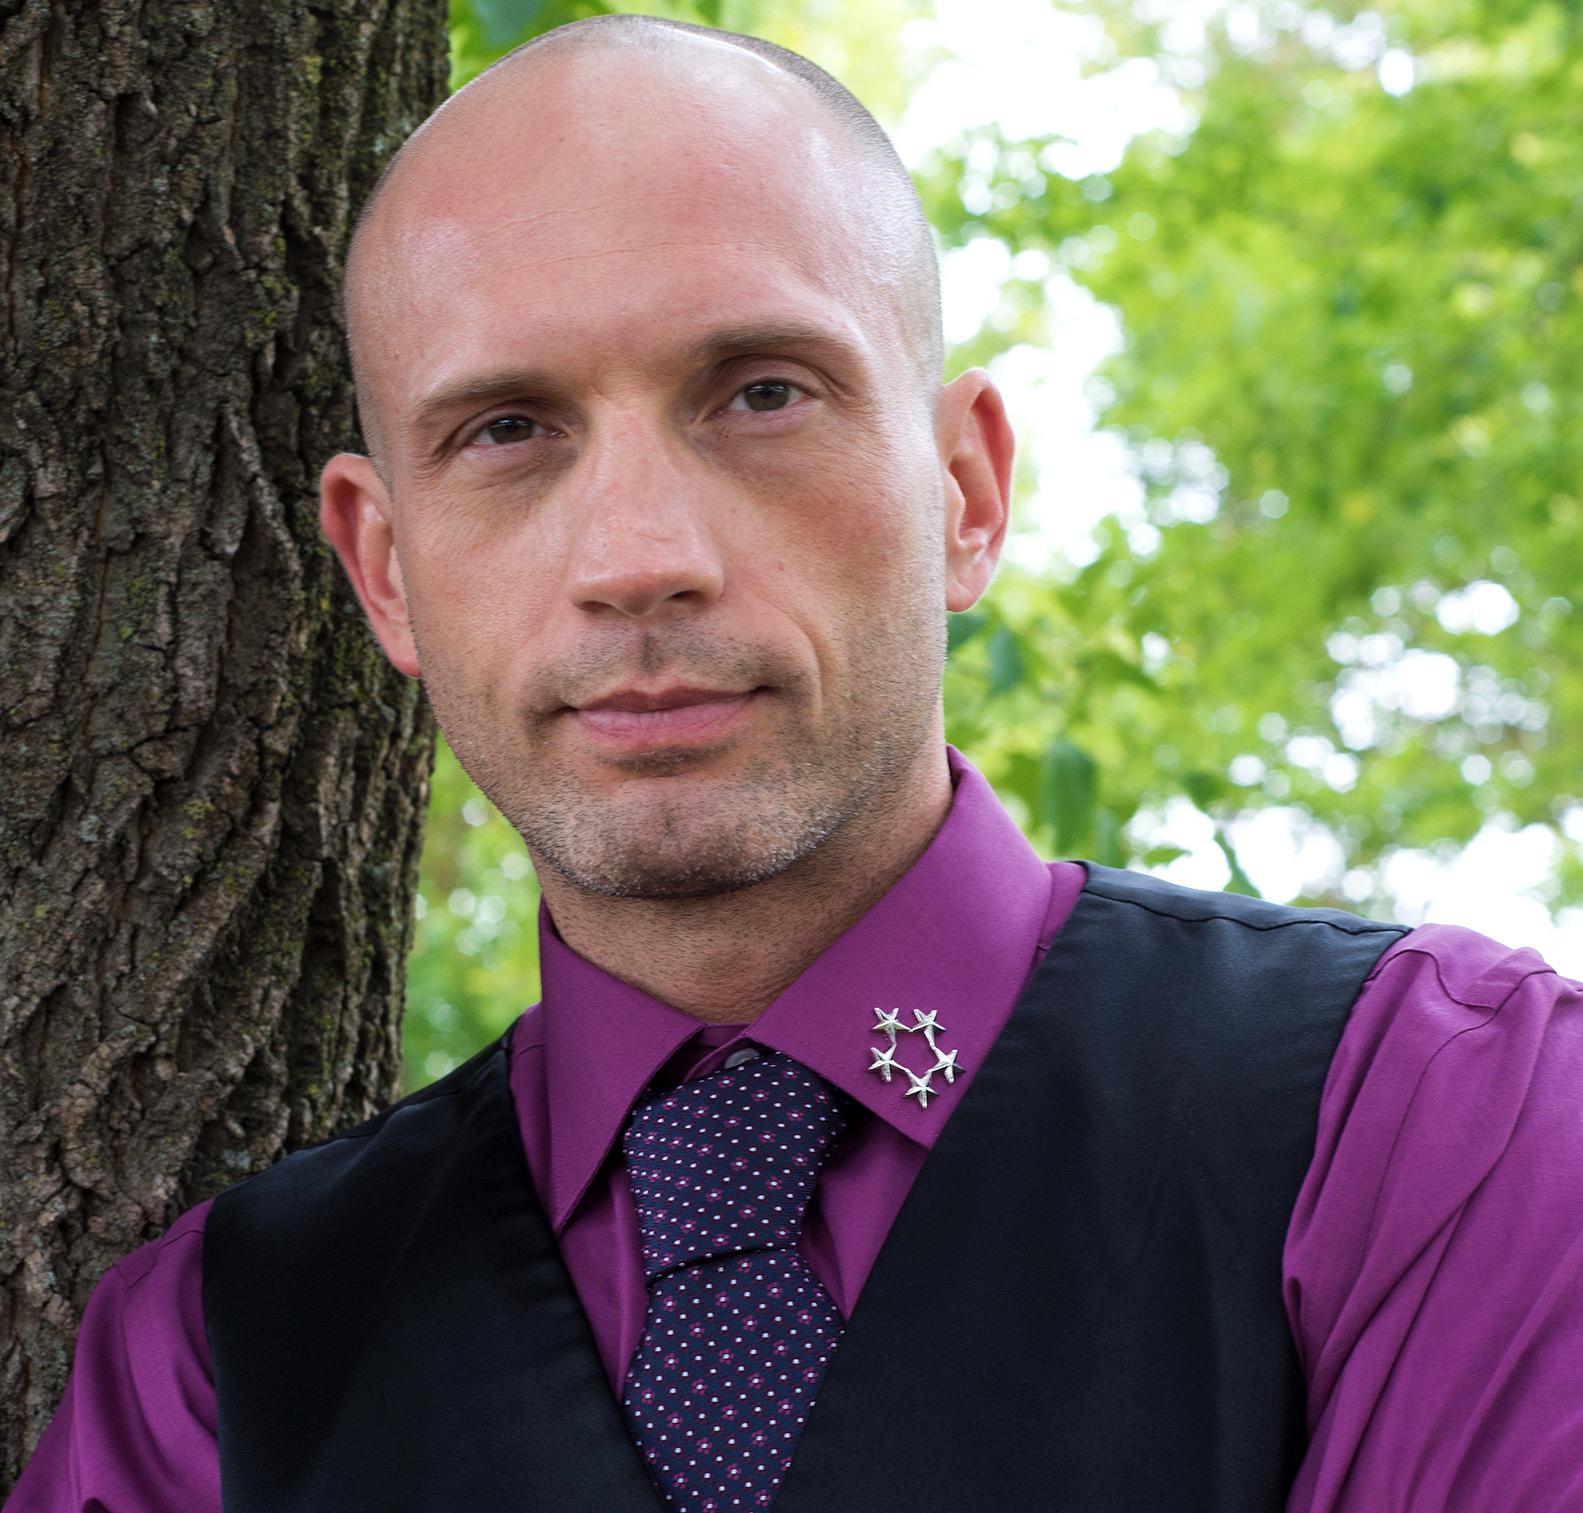 Troy S. Krueger